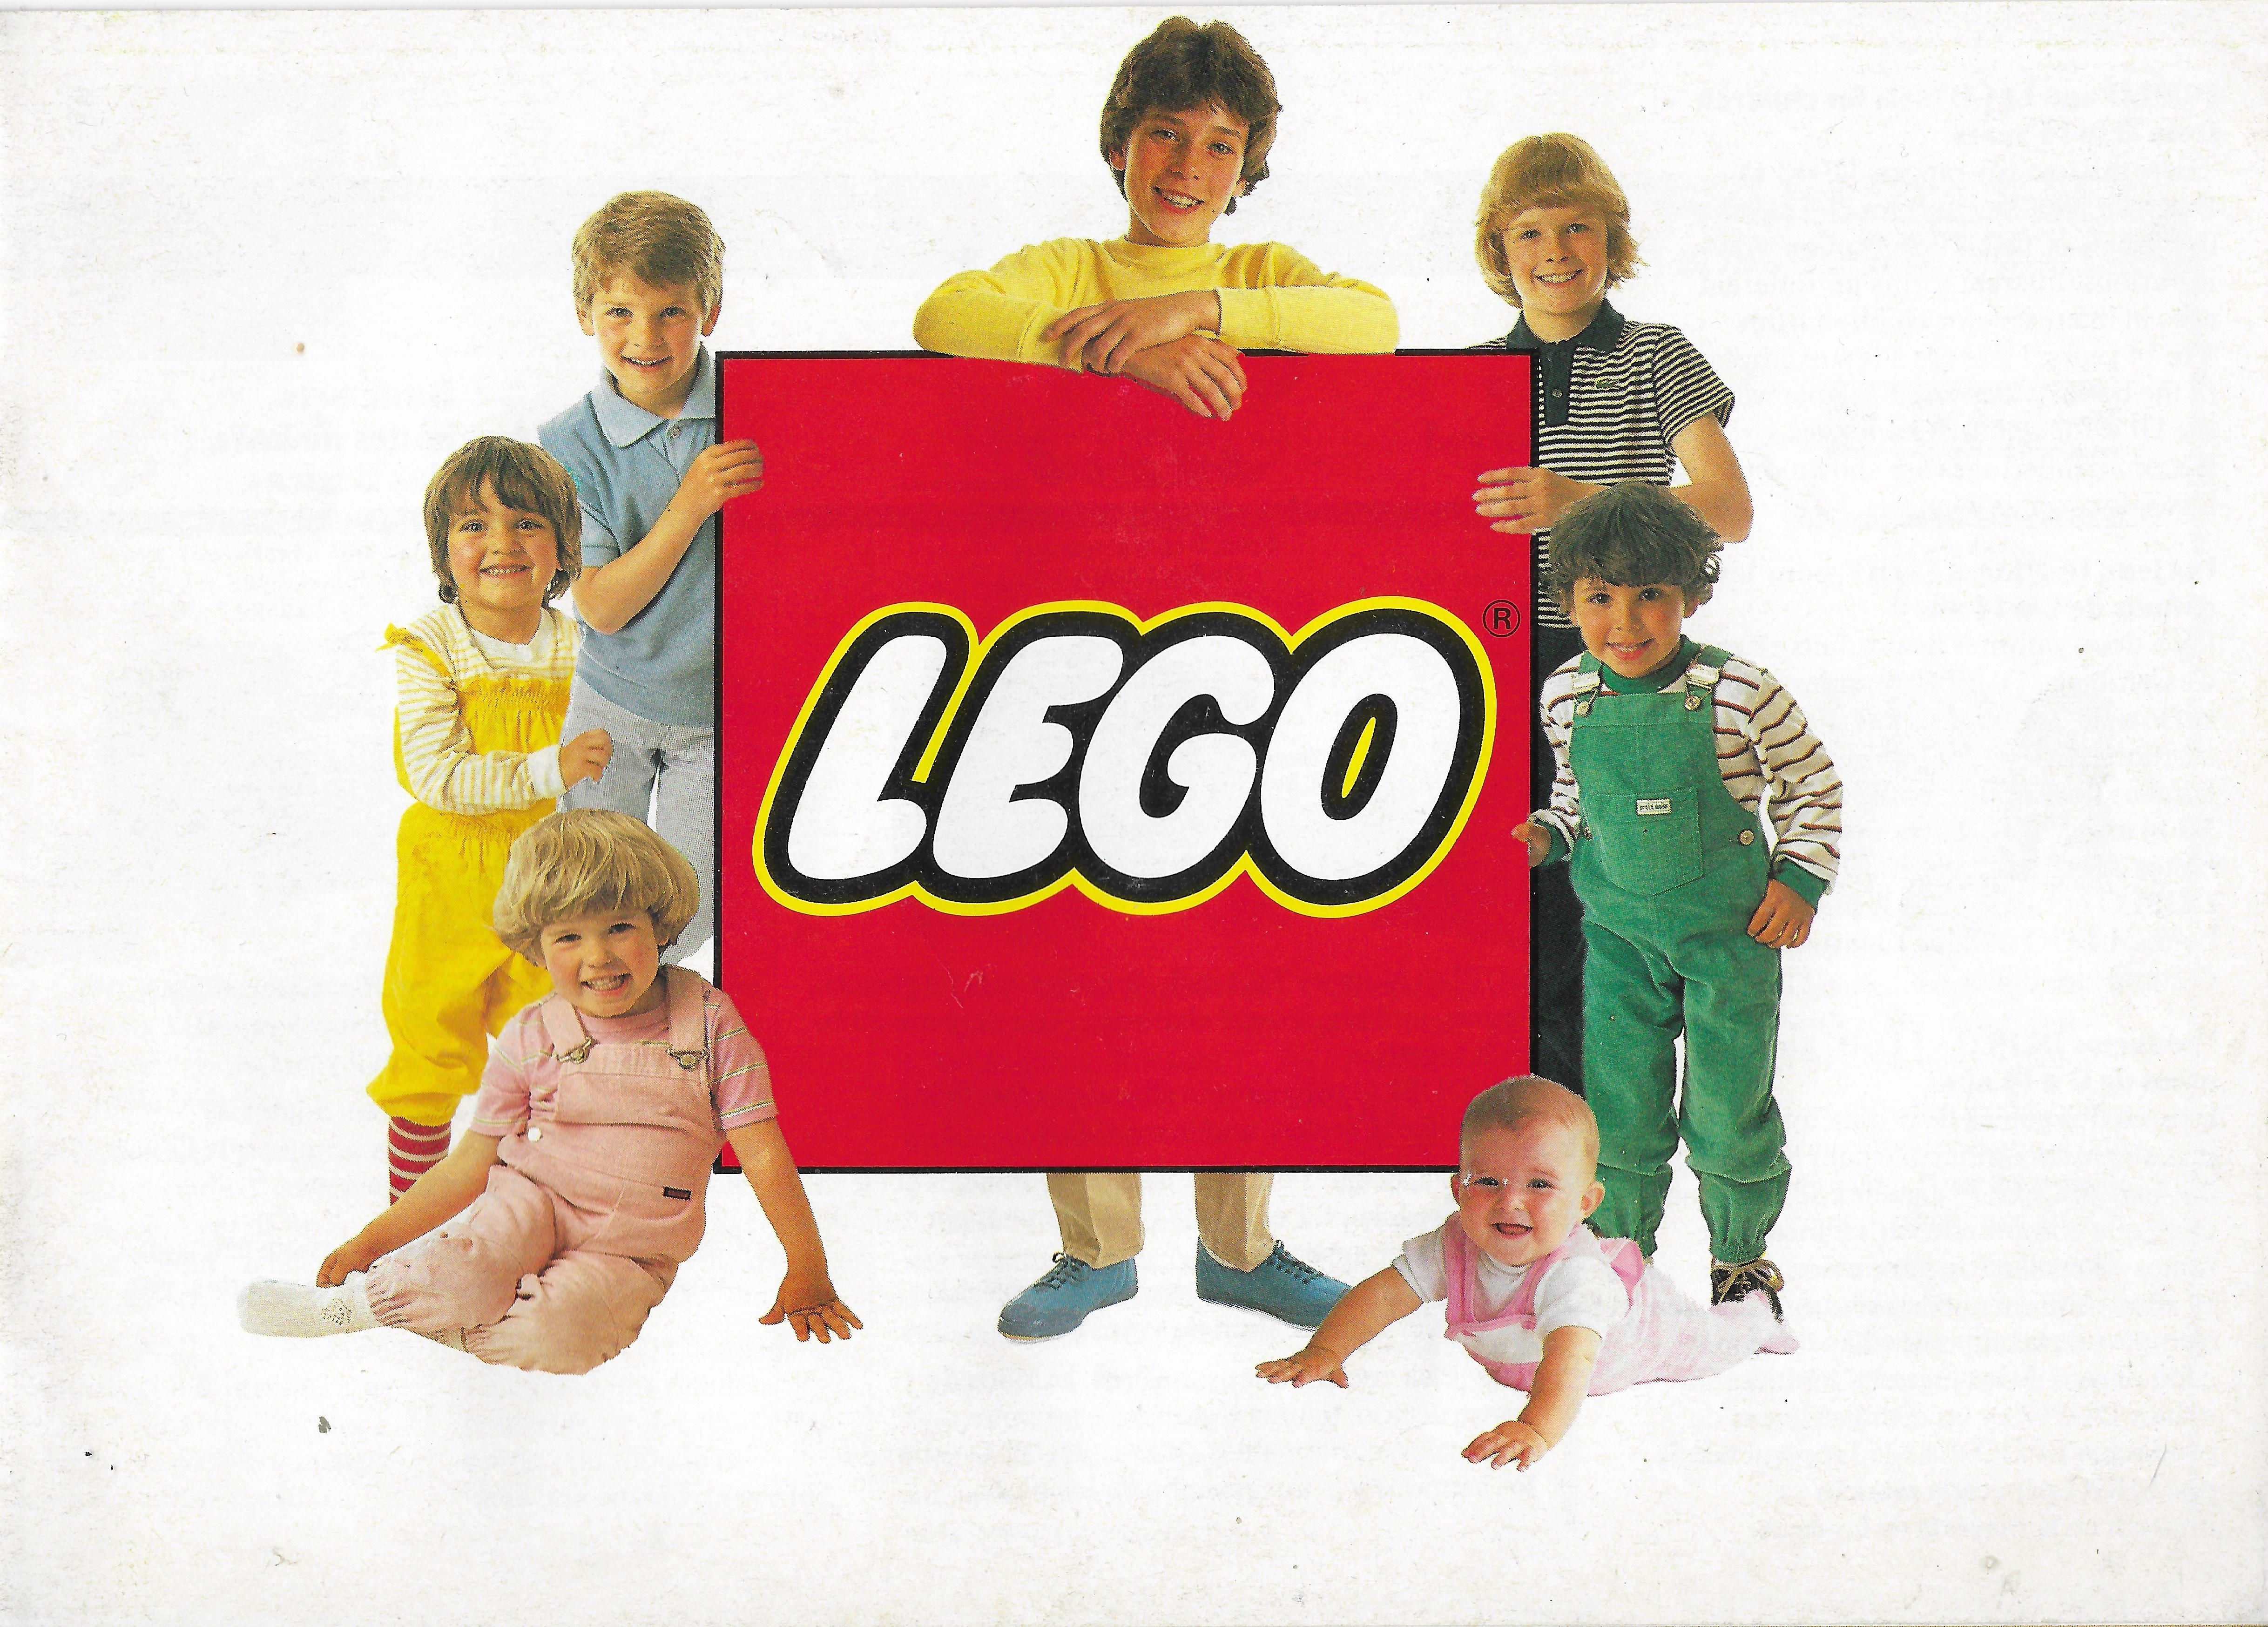 Nyugat-Európai Lego katalógus 1983-ból